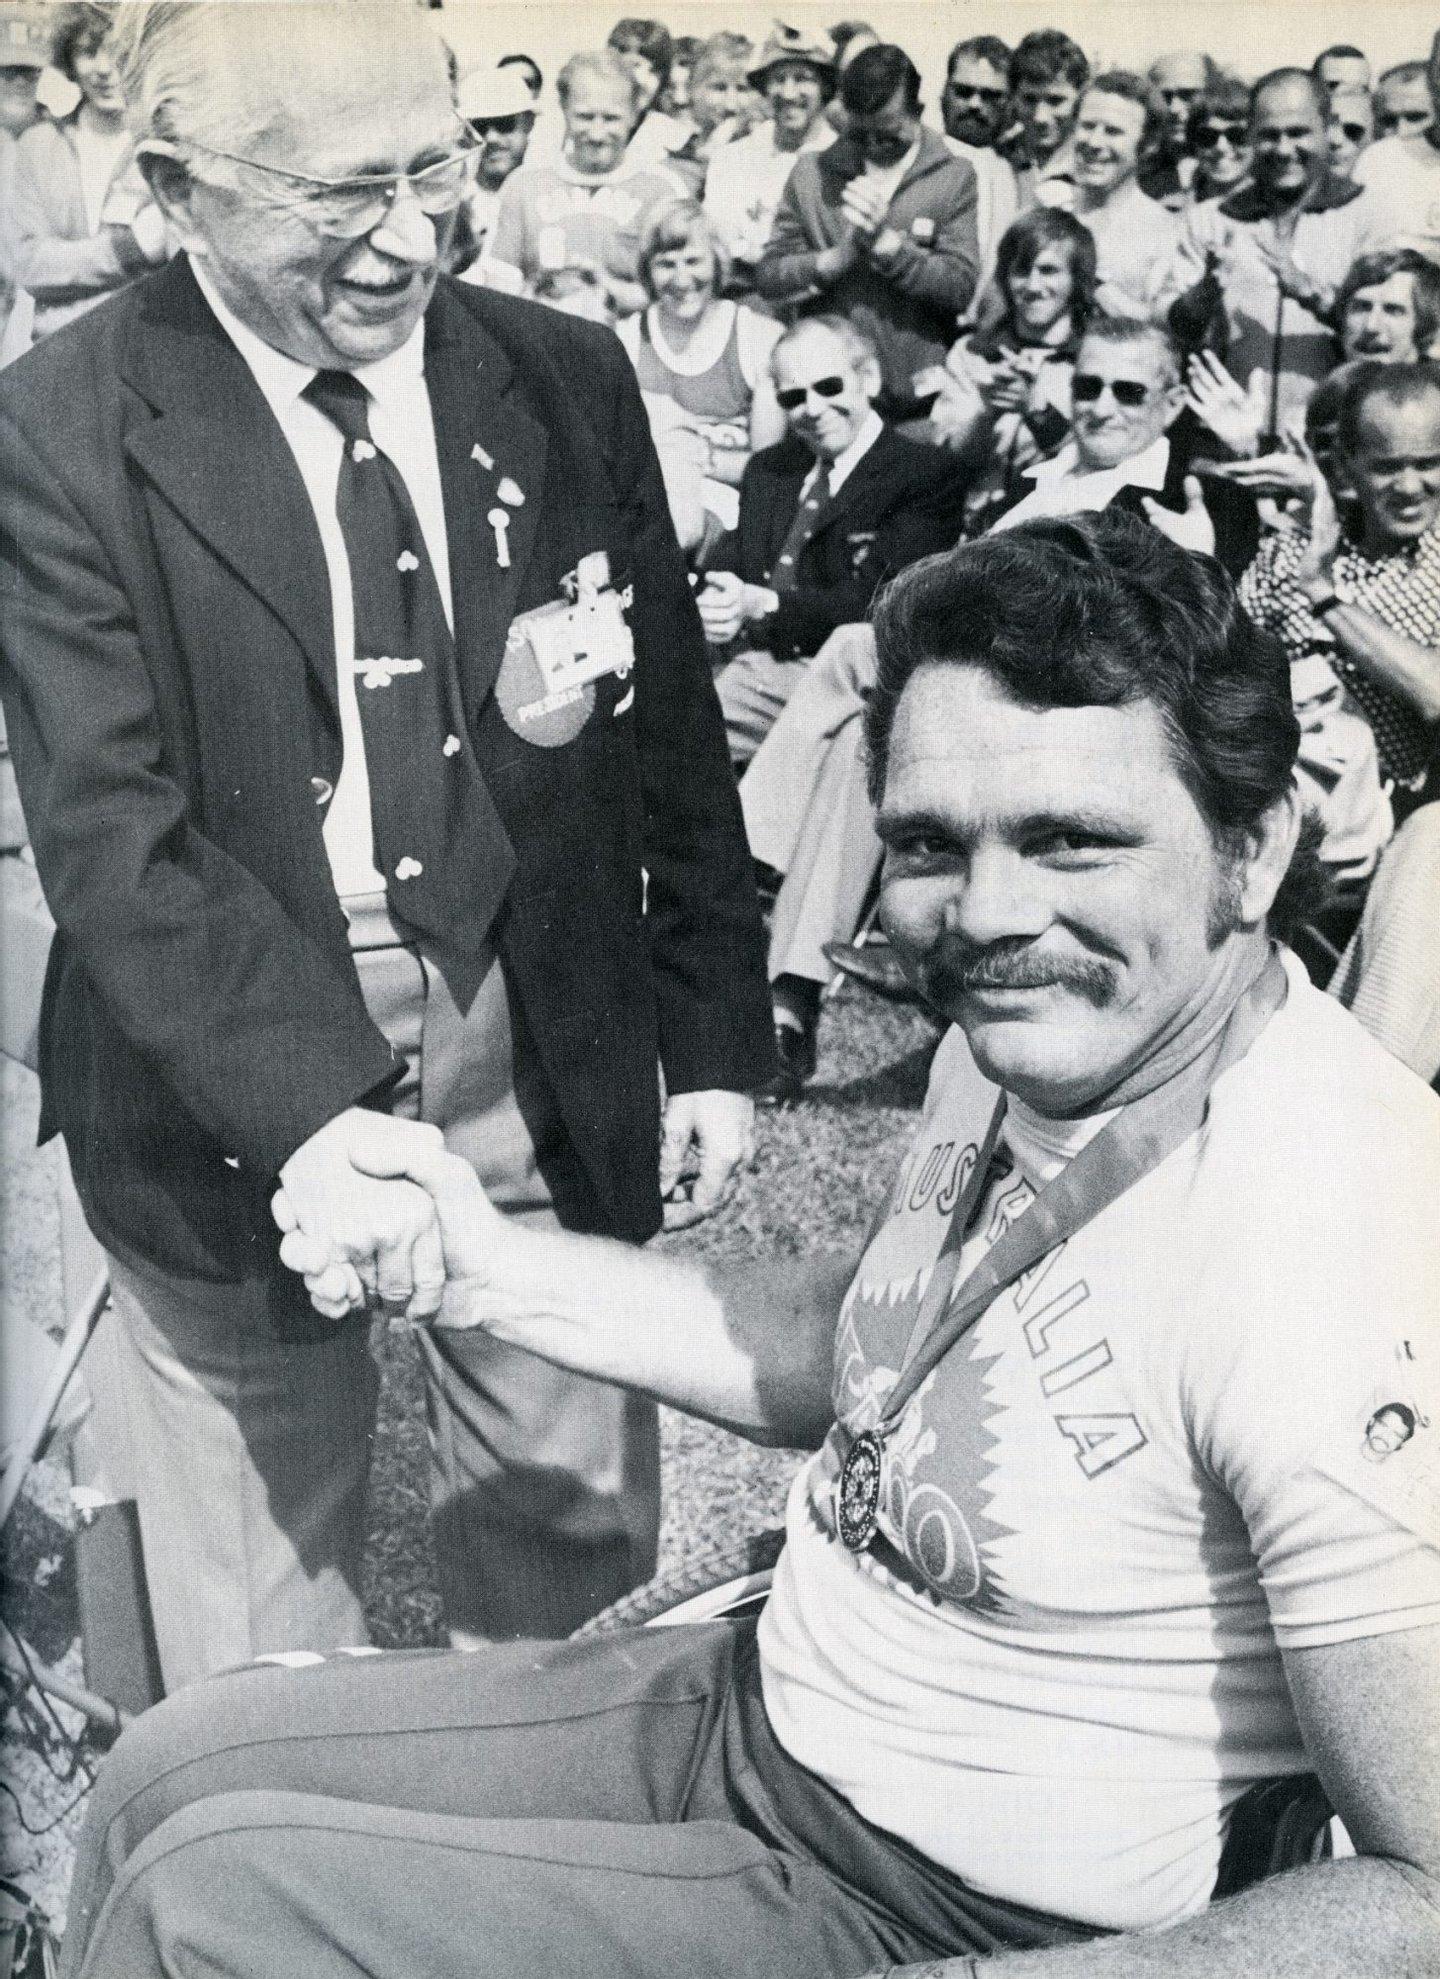 Ludwig Guttmann (à esquerda) e o atleta Eric Russell nos Jogos Paralímpicos Toronto1976 (Créditos: Wikimedia Commons)